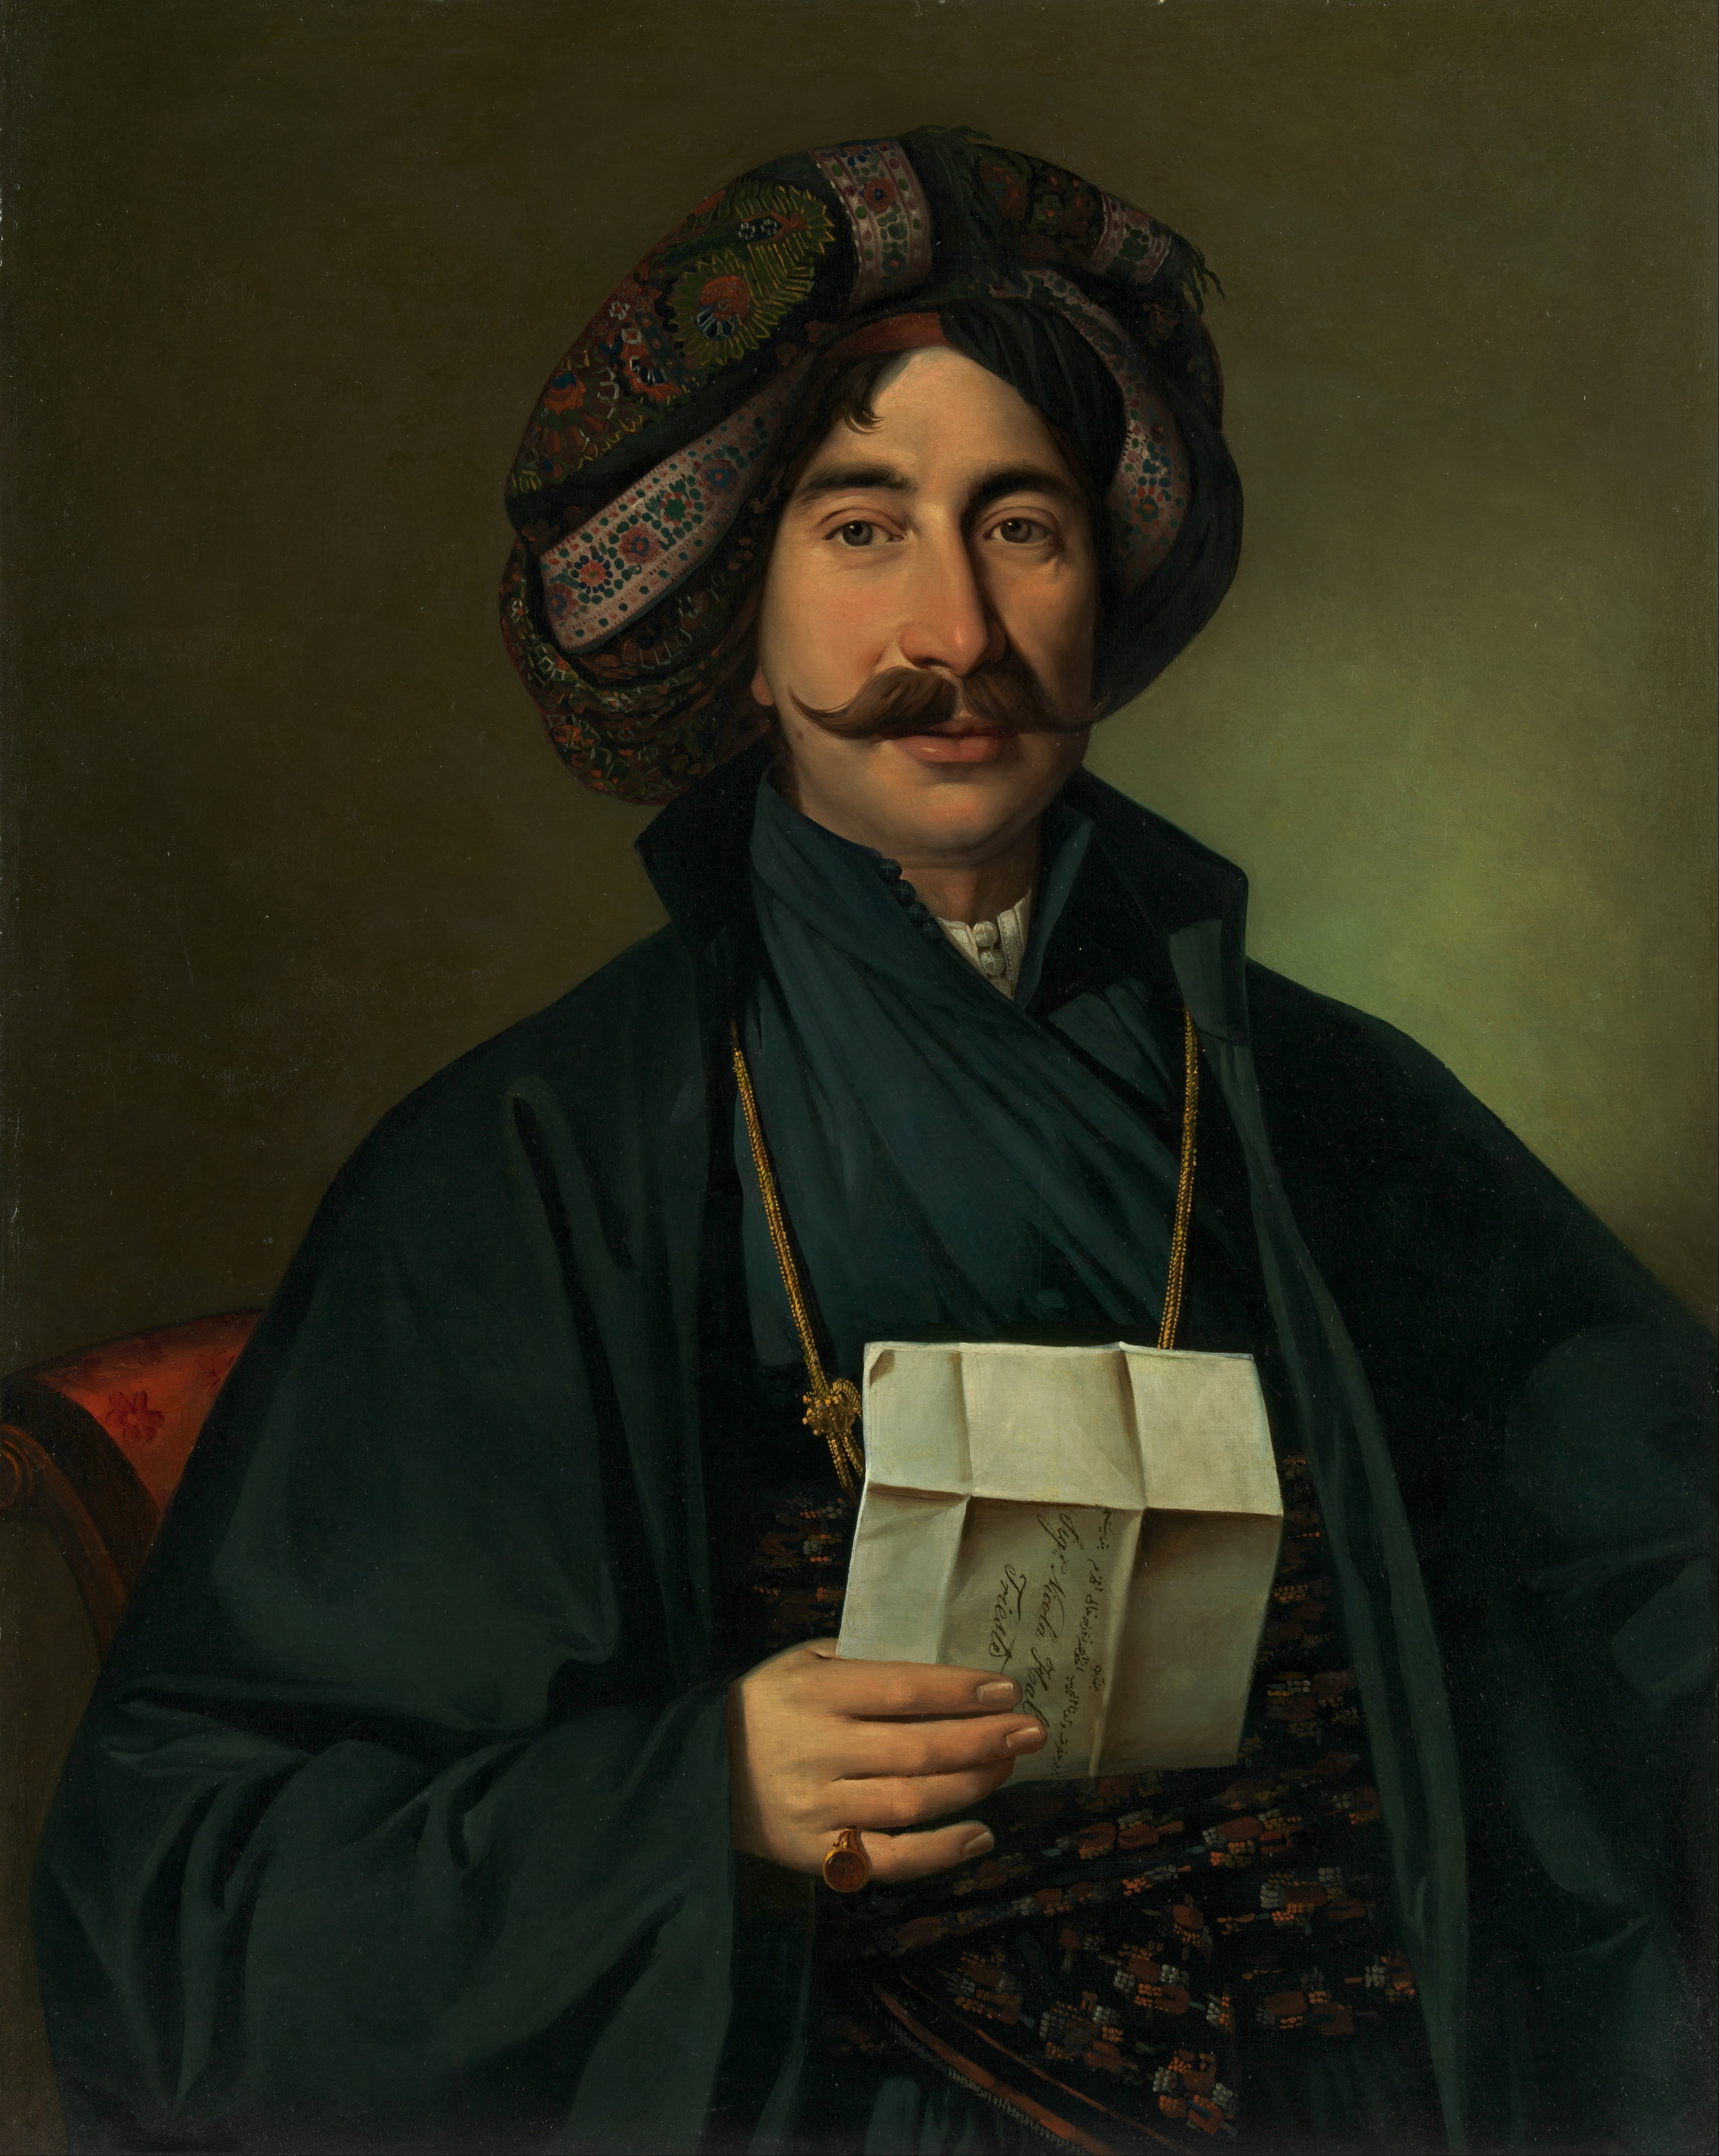 Jo_ef_Tominc_-_Man_in_Ottoman_dress_-_Google_Art_Project.jpg